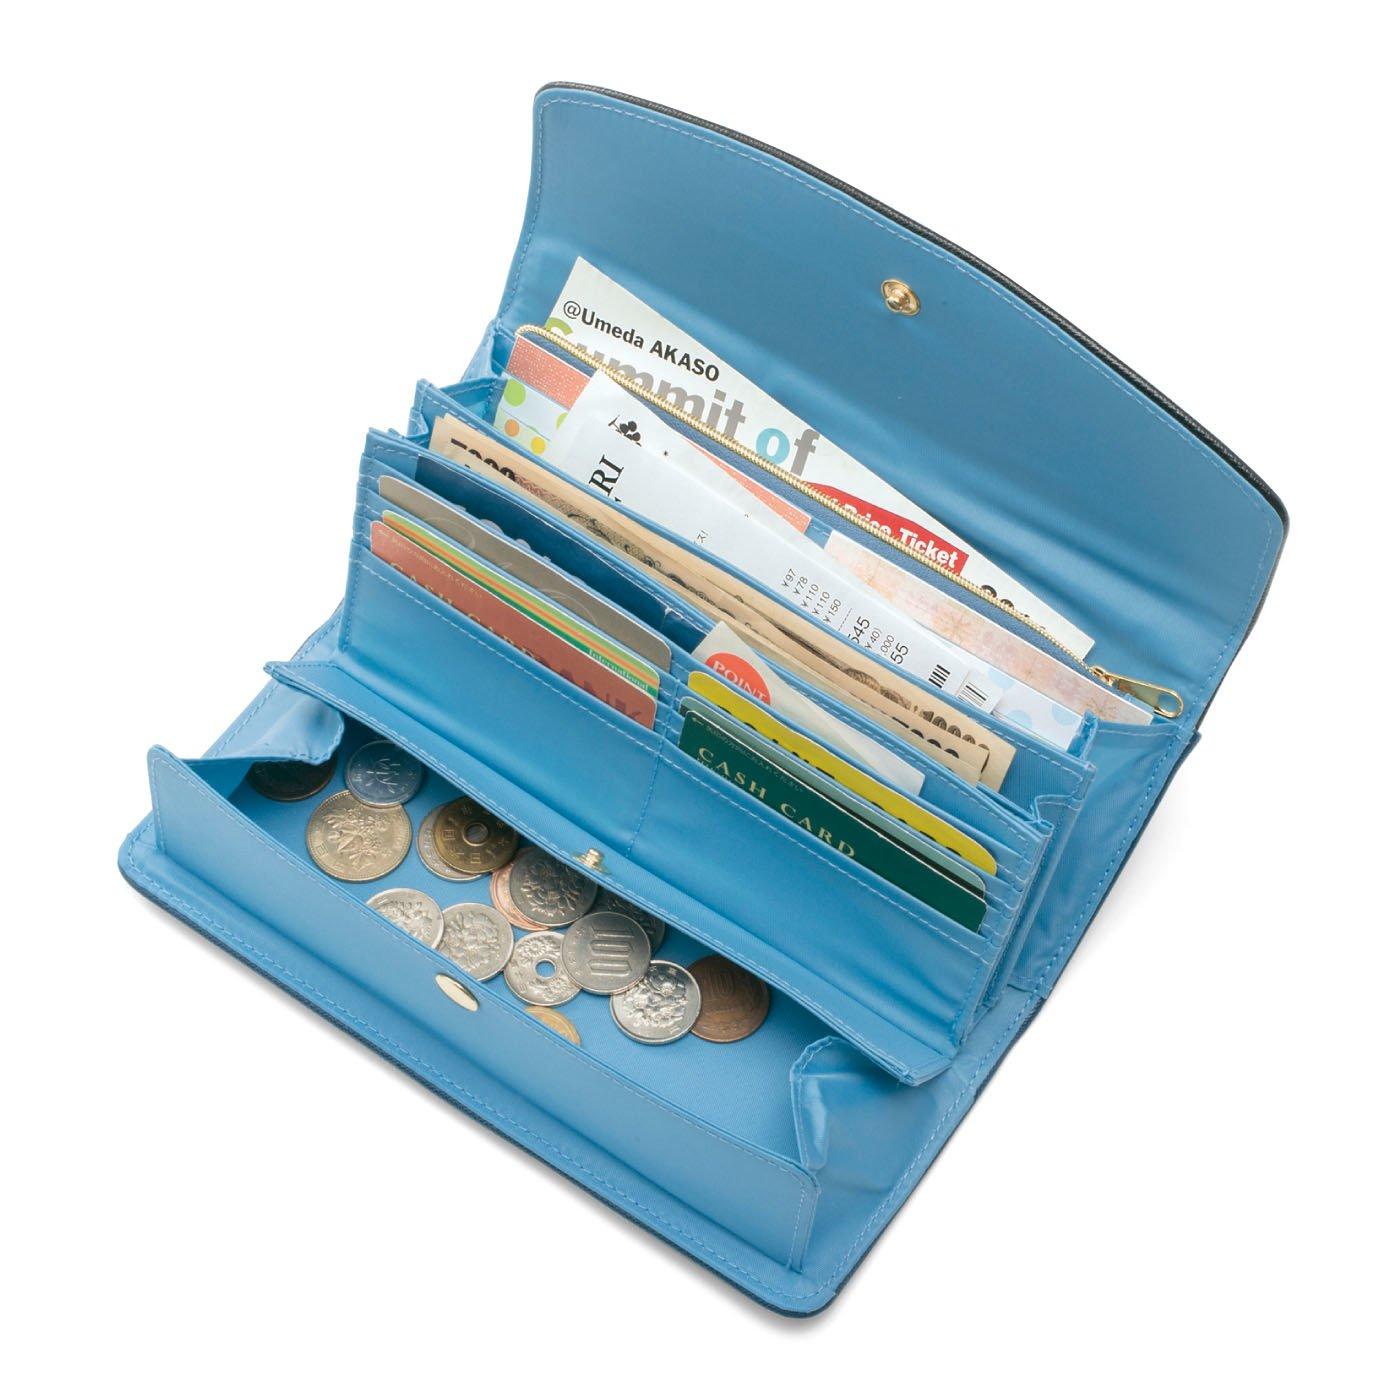 みんなの夢が詰まった 大人の賢い7つ星 収納上手な長財布